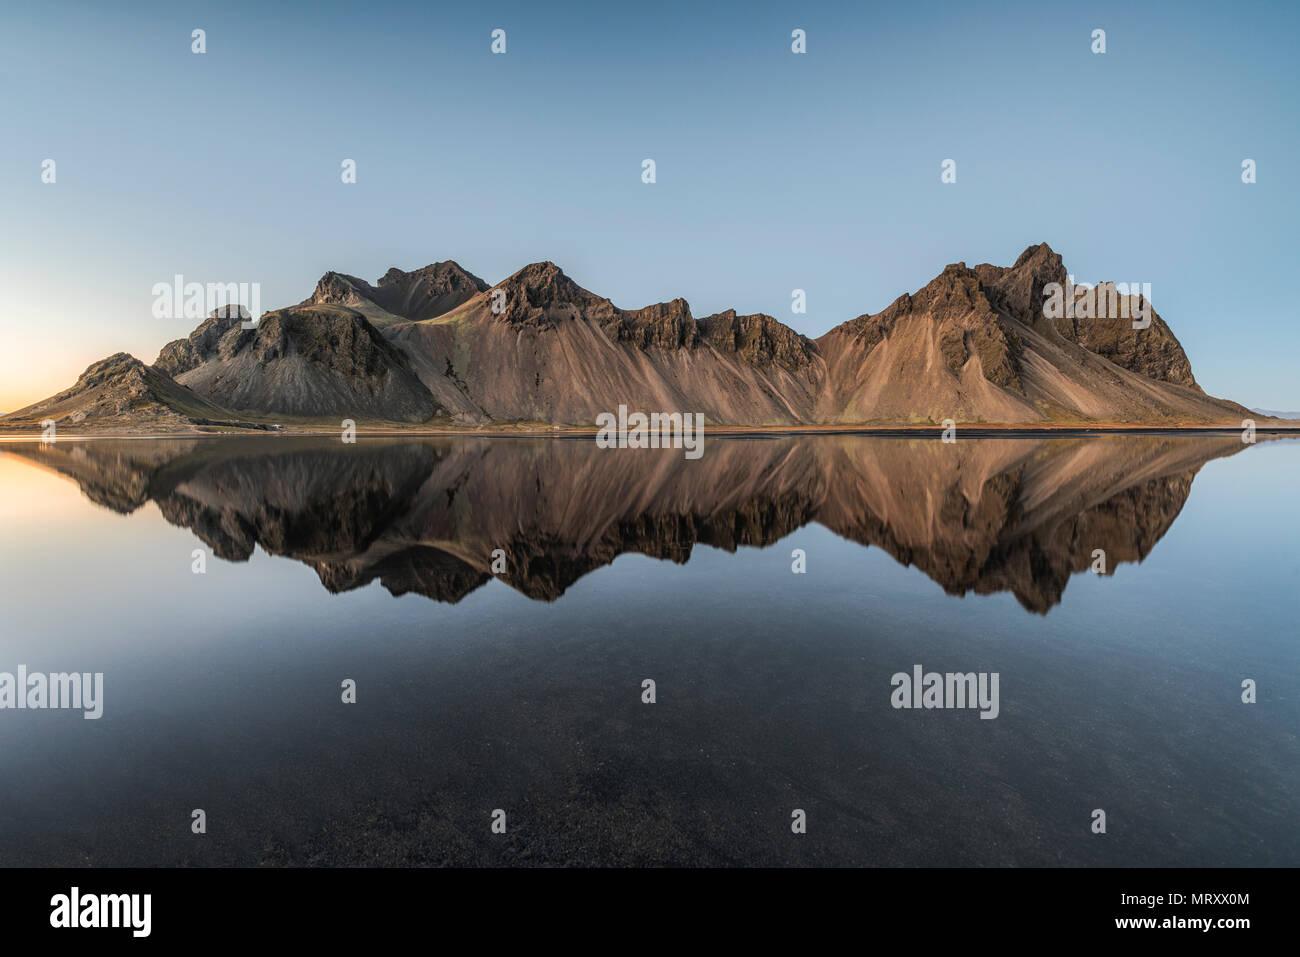 Stokksnes, Johannesburg, Ost Island, Island. Vestrahorn Berge spiegeln sich in den Gewässern des Stokksnes Bay. Stockbild